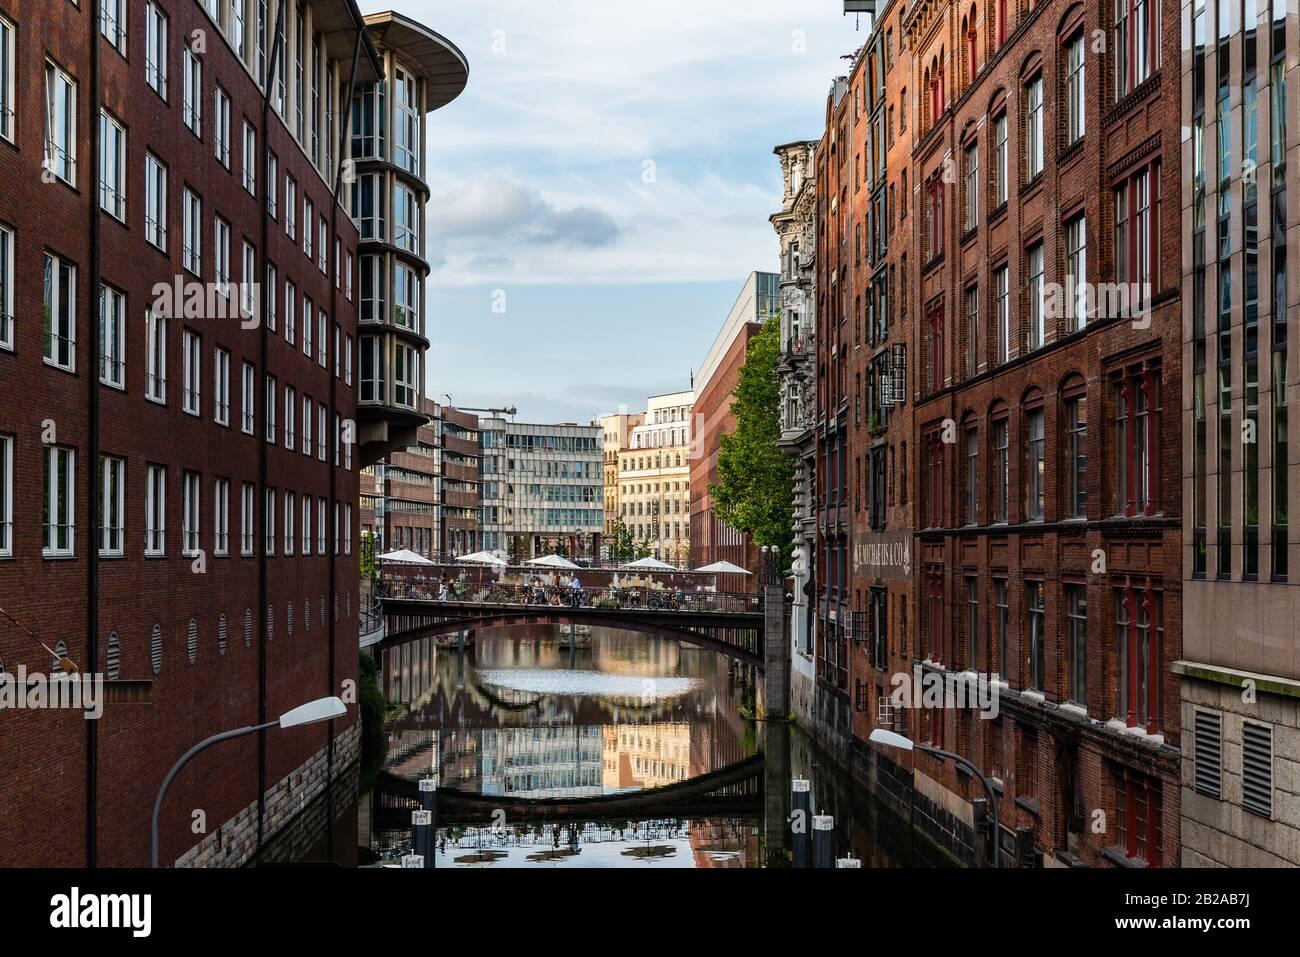 Hamburgo, Alemania - 4 de agosto de 2019: Vista panorámica del Canal Bleichenfleet en Hamburgo al atardecer Foto de stock